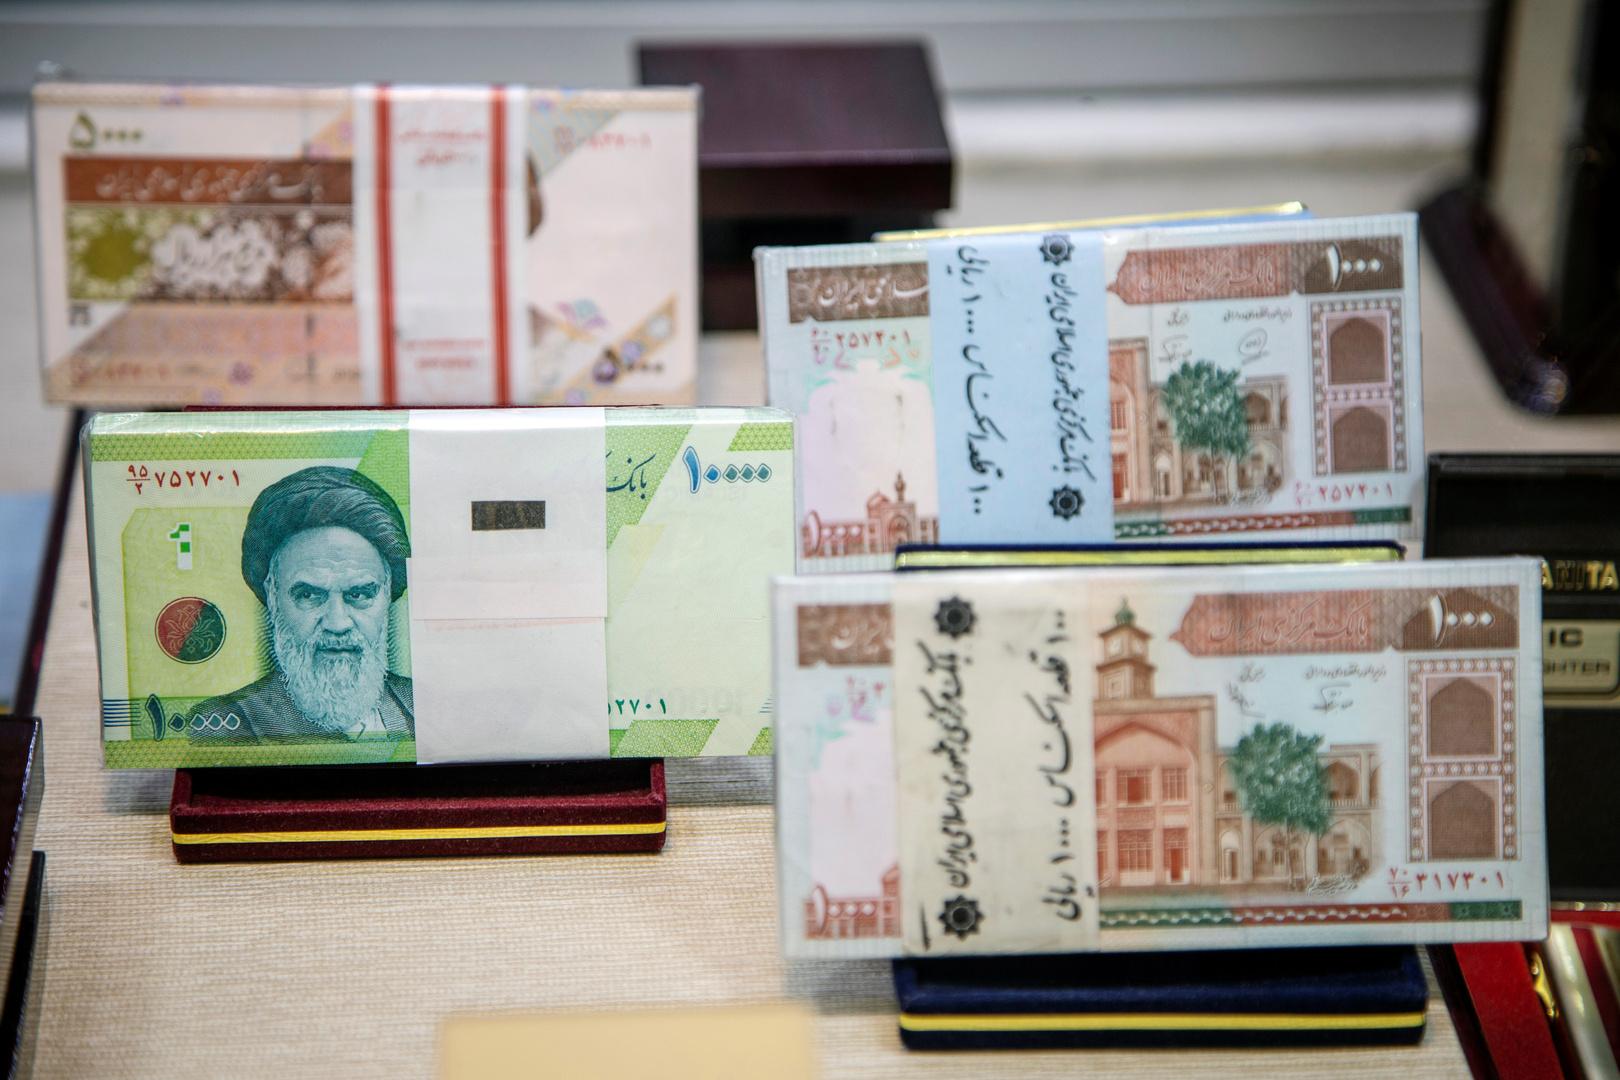 الريال الإيراني يسترد شيئا من عافيته بعد أن فقد 50% من قيمته في زمن كورونا